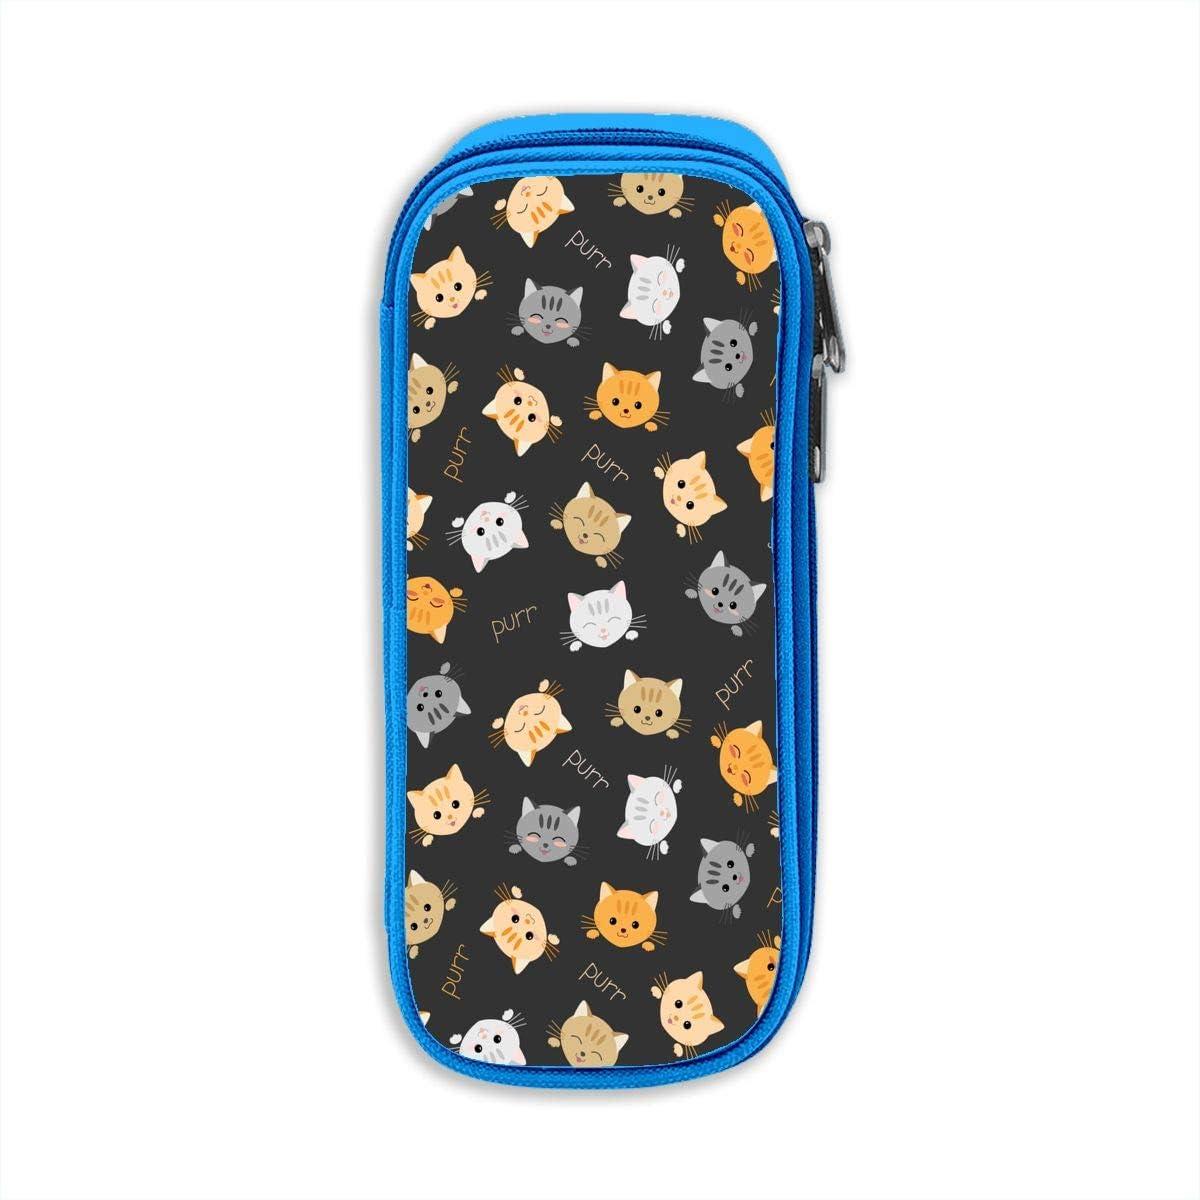 Estuche de tela Oxford para lápices, diseño de gatitos japoneses, unisex, con cremallera, color azul talla única: Amazon.es: Oficina y papelería